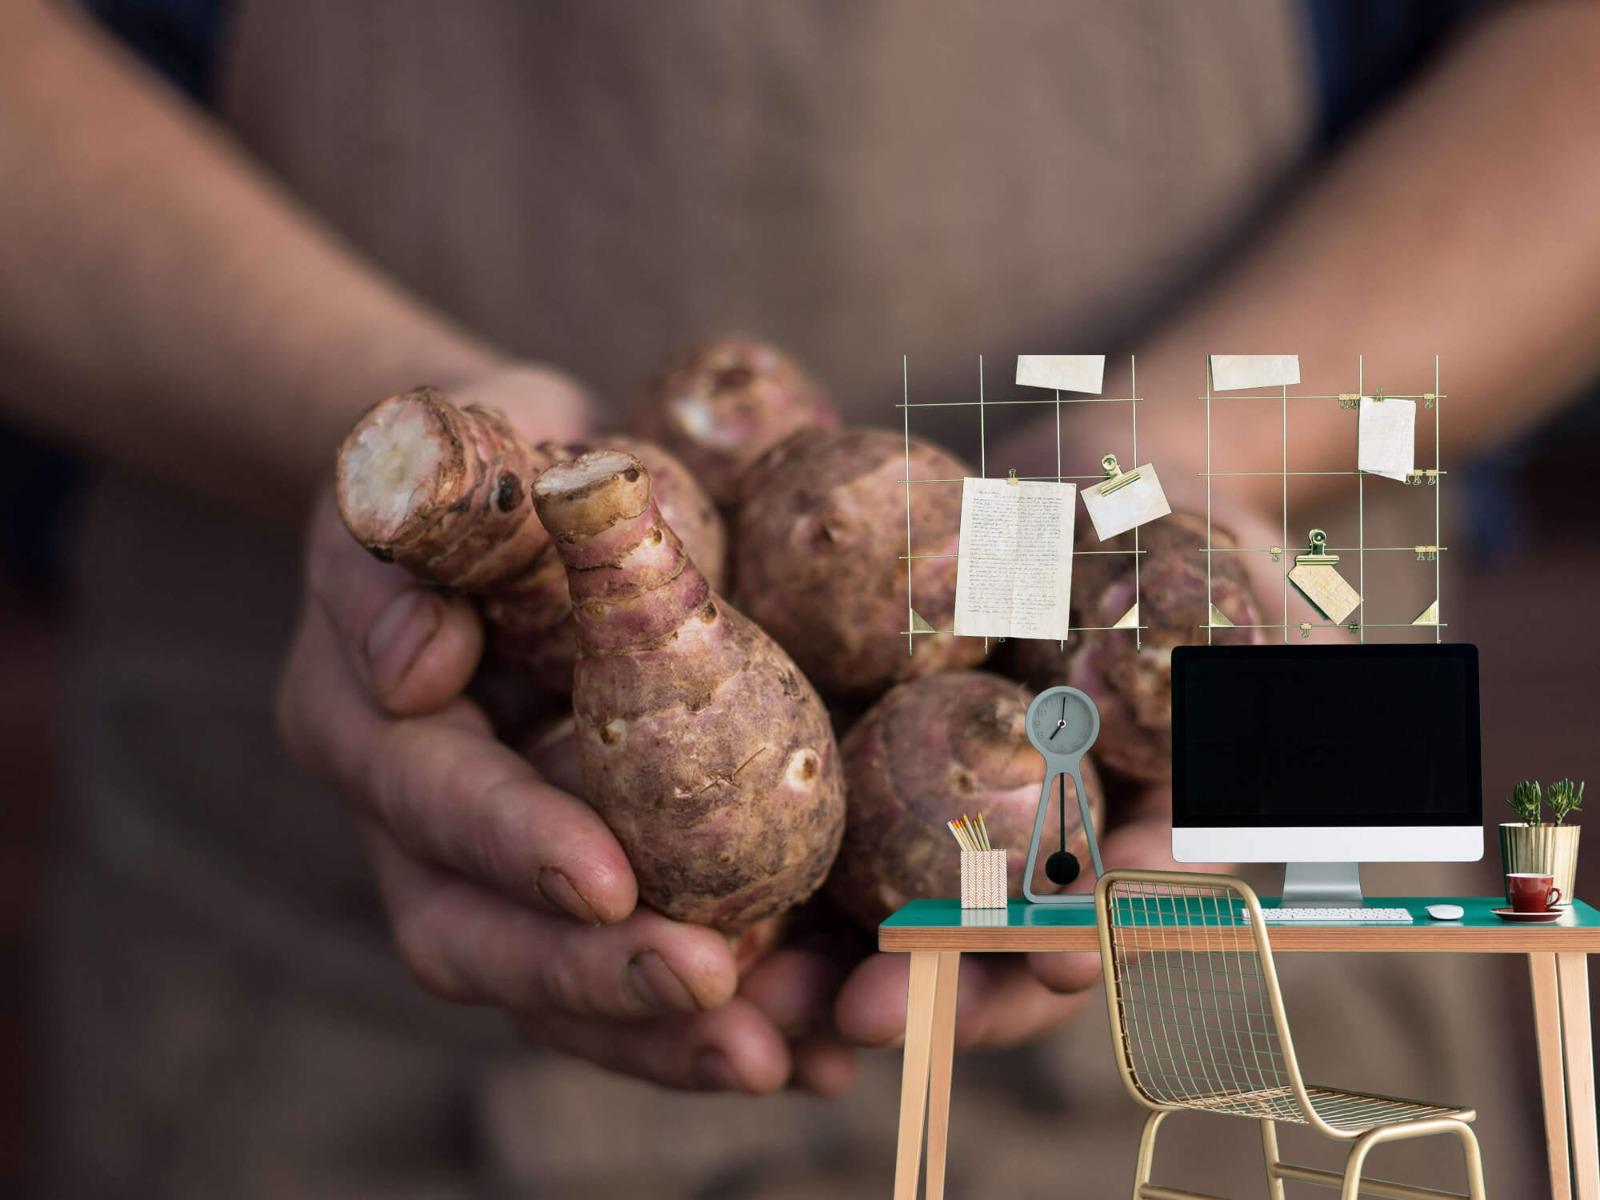 Overige - Aardproducten - Keuken 7